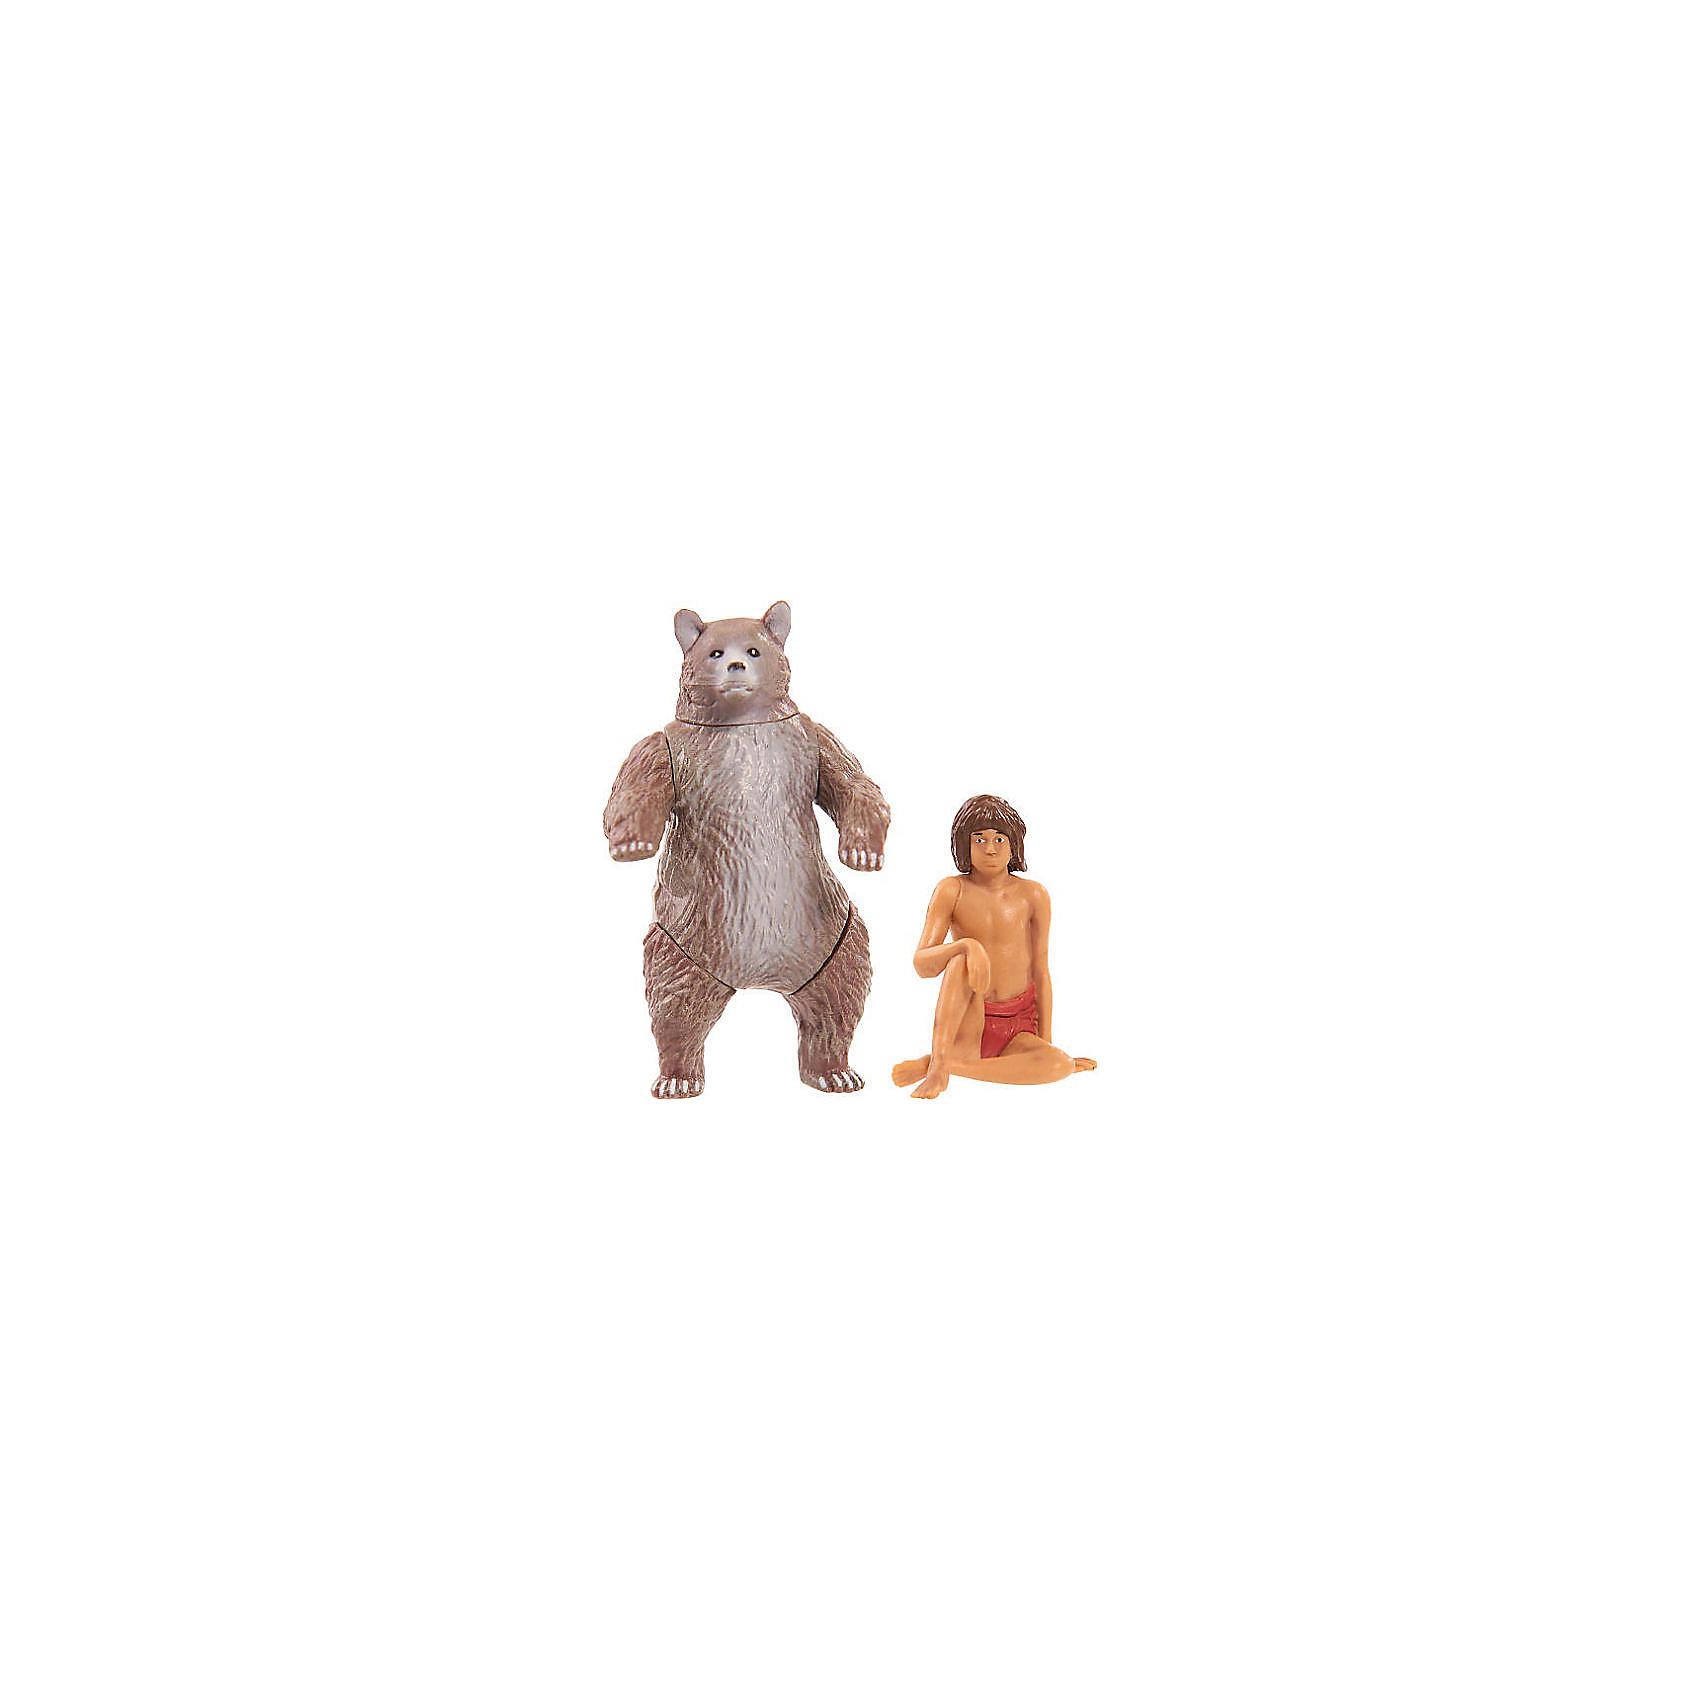 Фигурки Книга Джунглей - Балу и МауглиЛюбимые герои<br>Характеристики товара:<br><br>- цвет: разноцветный;<br>- материал: пластик;<br>- размер упаковки: 20х8х21см;<br>- вес: 230 г;<br>- комплект: 2 фигурки.<br><br>Играть с фигурками из любимого фильма - вдвойне интереснее! Фигурки героев Книги Джунглей очень красивые, они хорошо детализированы. Каждая фигурка отлично выполнена, поэтому она станет желанным подарком для ребенка. Такое изделие отлично тренирует у ребенка разные навыки: играя с фигурками, ребенок развивает мелкую моторику, цветовосприятие, внимание, воображение и творческое мышление. В наборе - 2 фигурки.<br>Из этих фигурок можно собрать целую коллекцию! Изделие произведено из высококачественного материала, безопасного для детей.<br><br>Игрушку Медведь от бренда Jungle Book можно купить в нашем интернет-магазине.<br><br>Ширина мм: 210<br>Глубина мм: 200<br>Высота мм: 80<br>Вес г: 230<br>Возраст от месяцев: 36<br>Возраст до месяцев: 2147483647<br>Пол: Унисекс<br>Возраст: Детский<br>SKU: 5140207